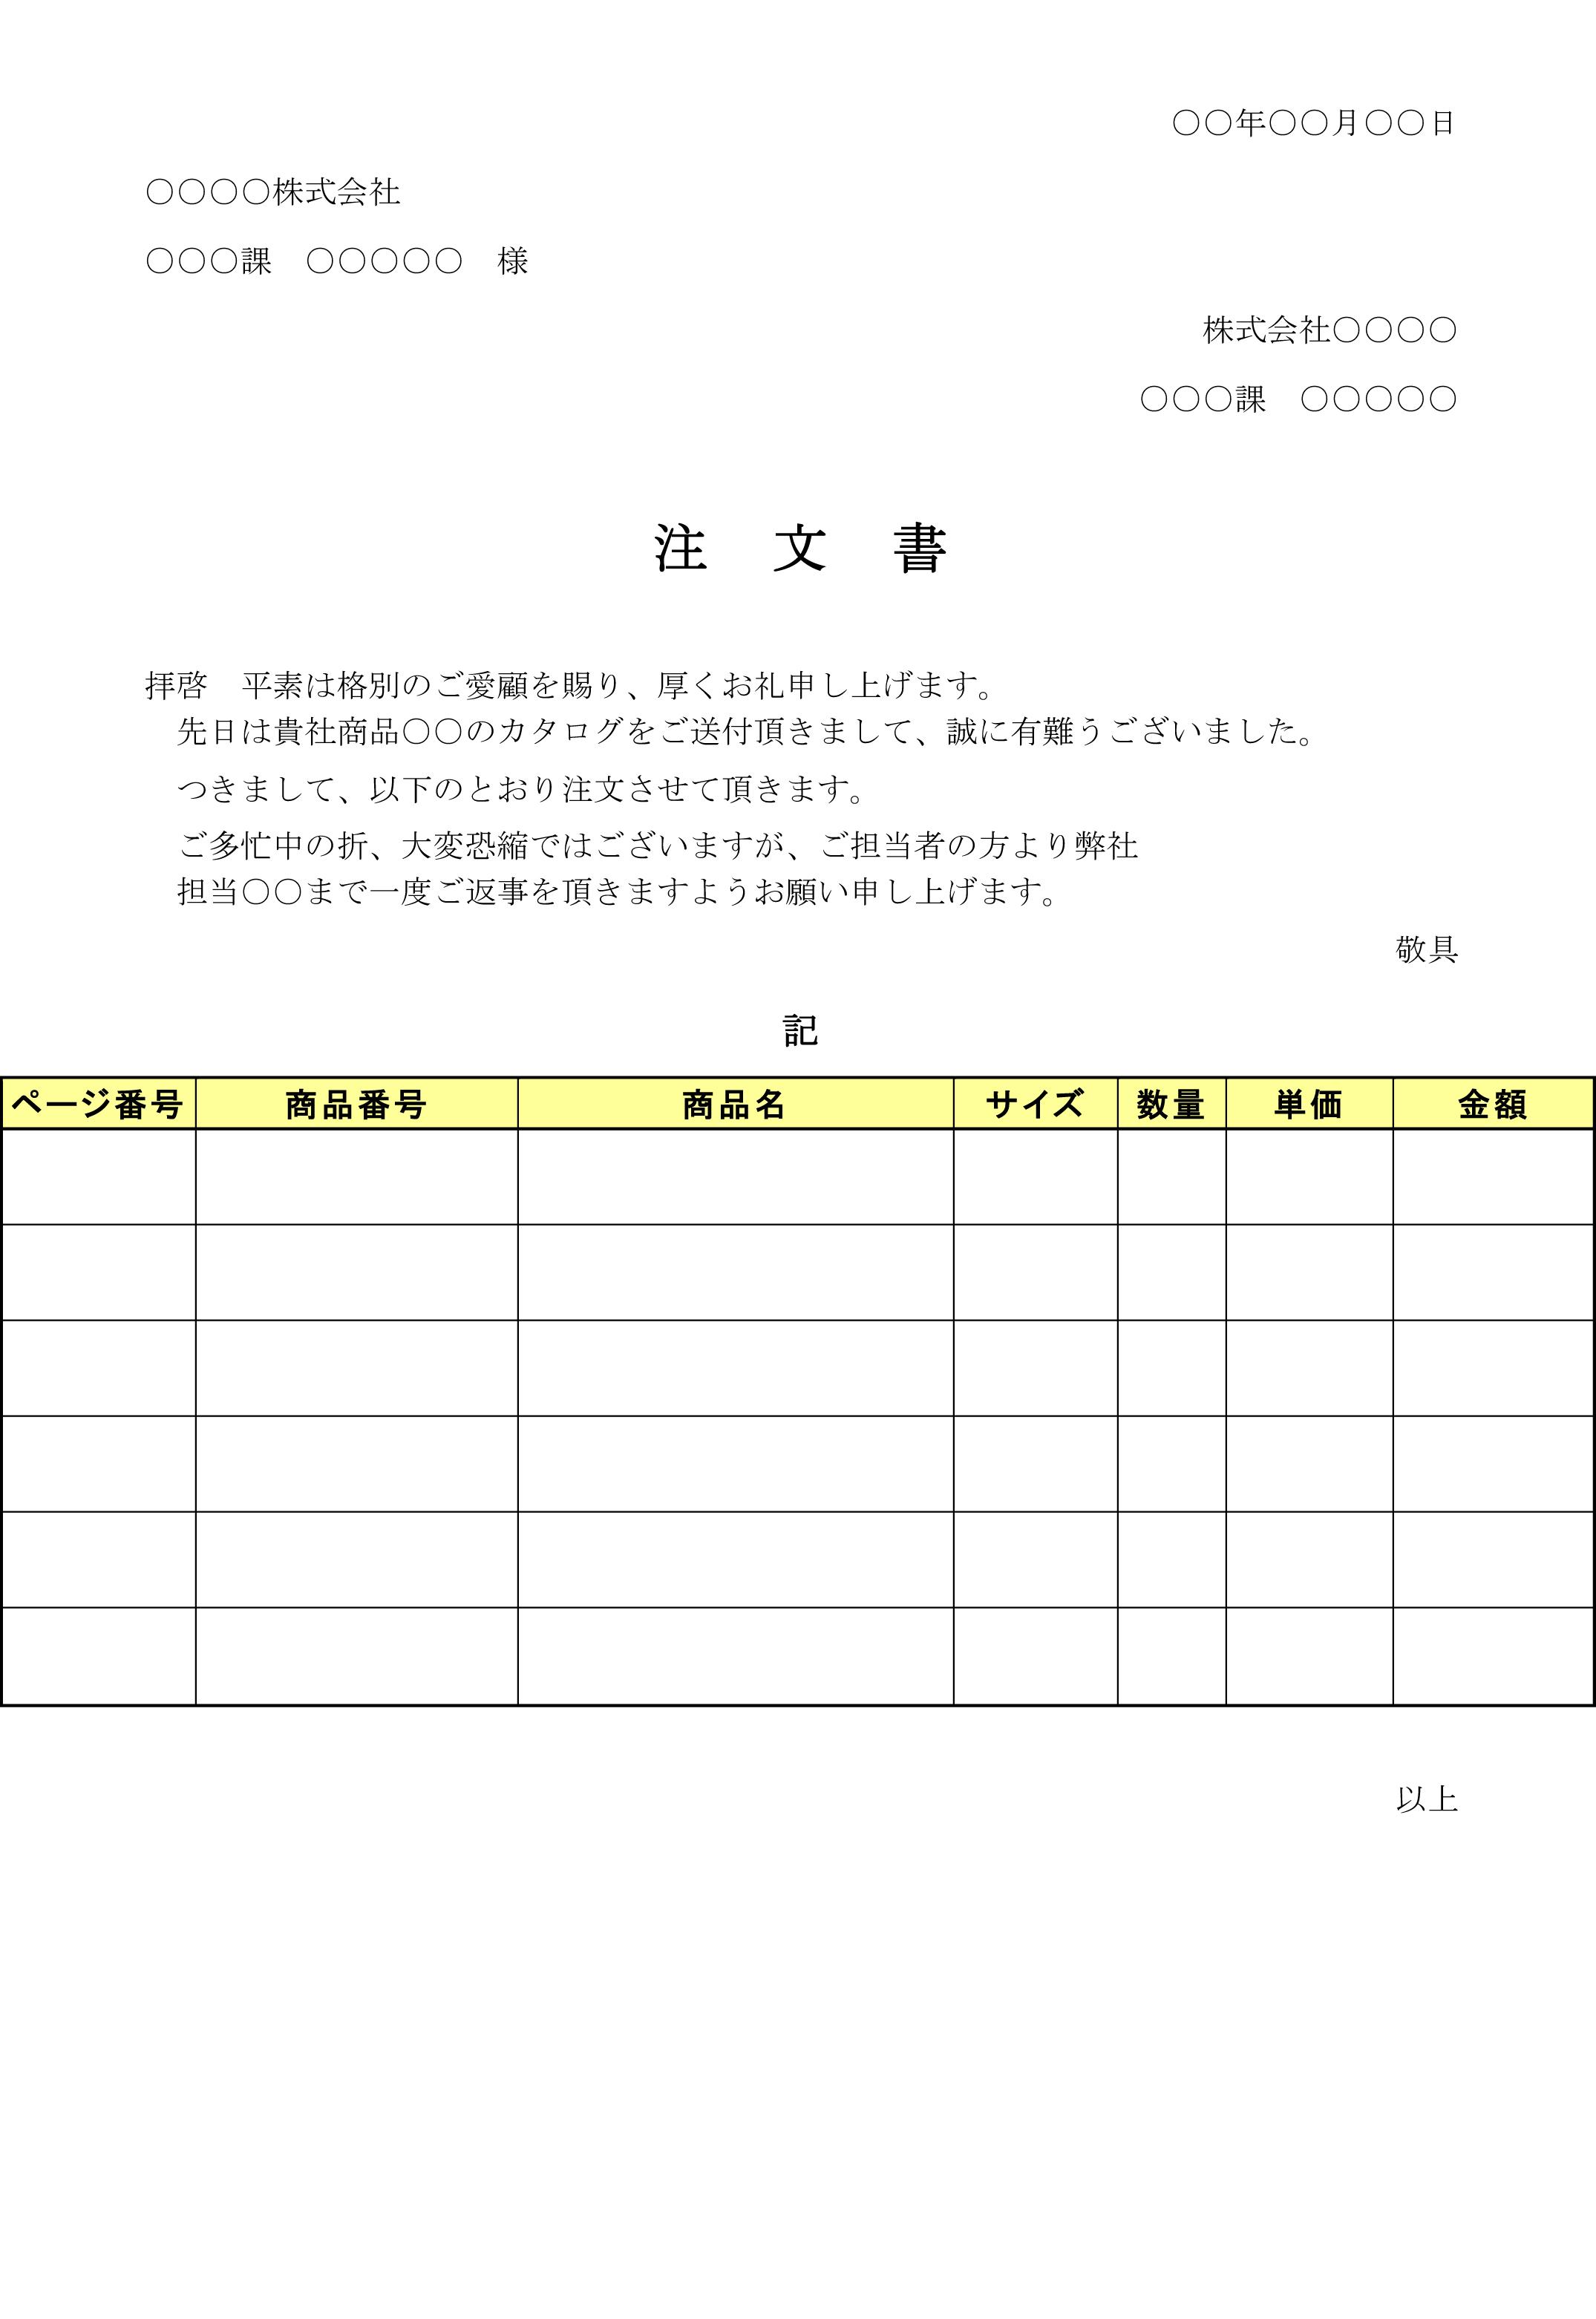 注文書(商品を早期納品したい)02